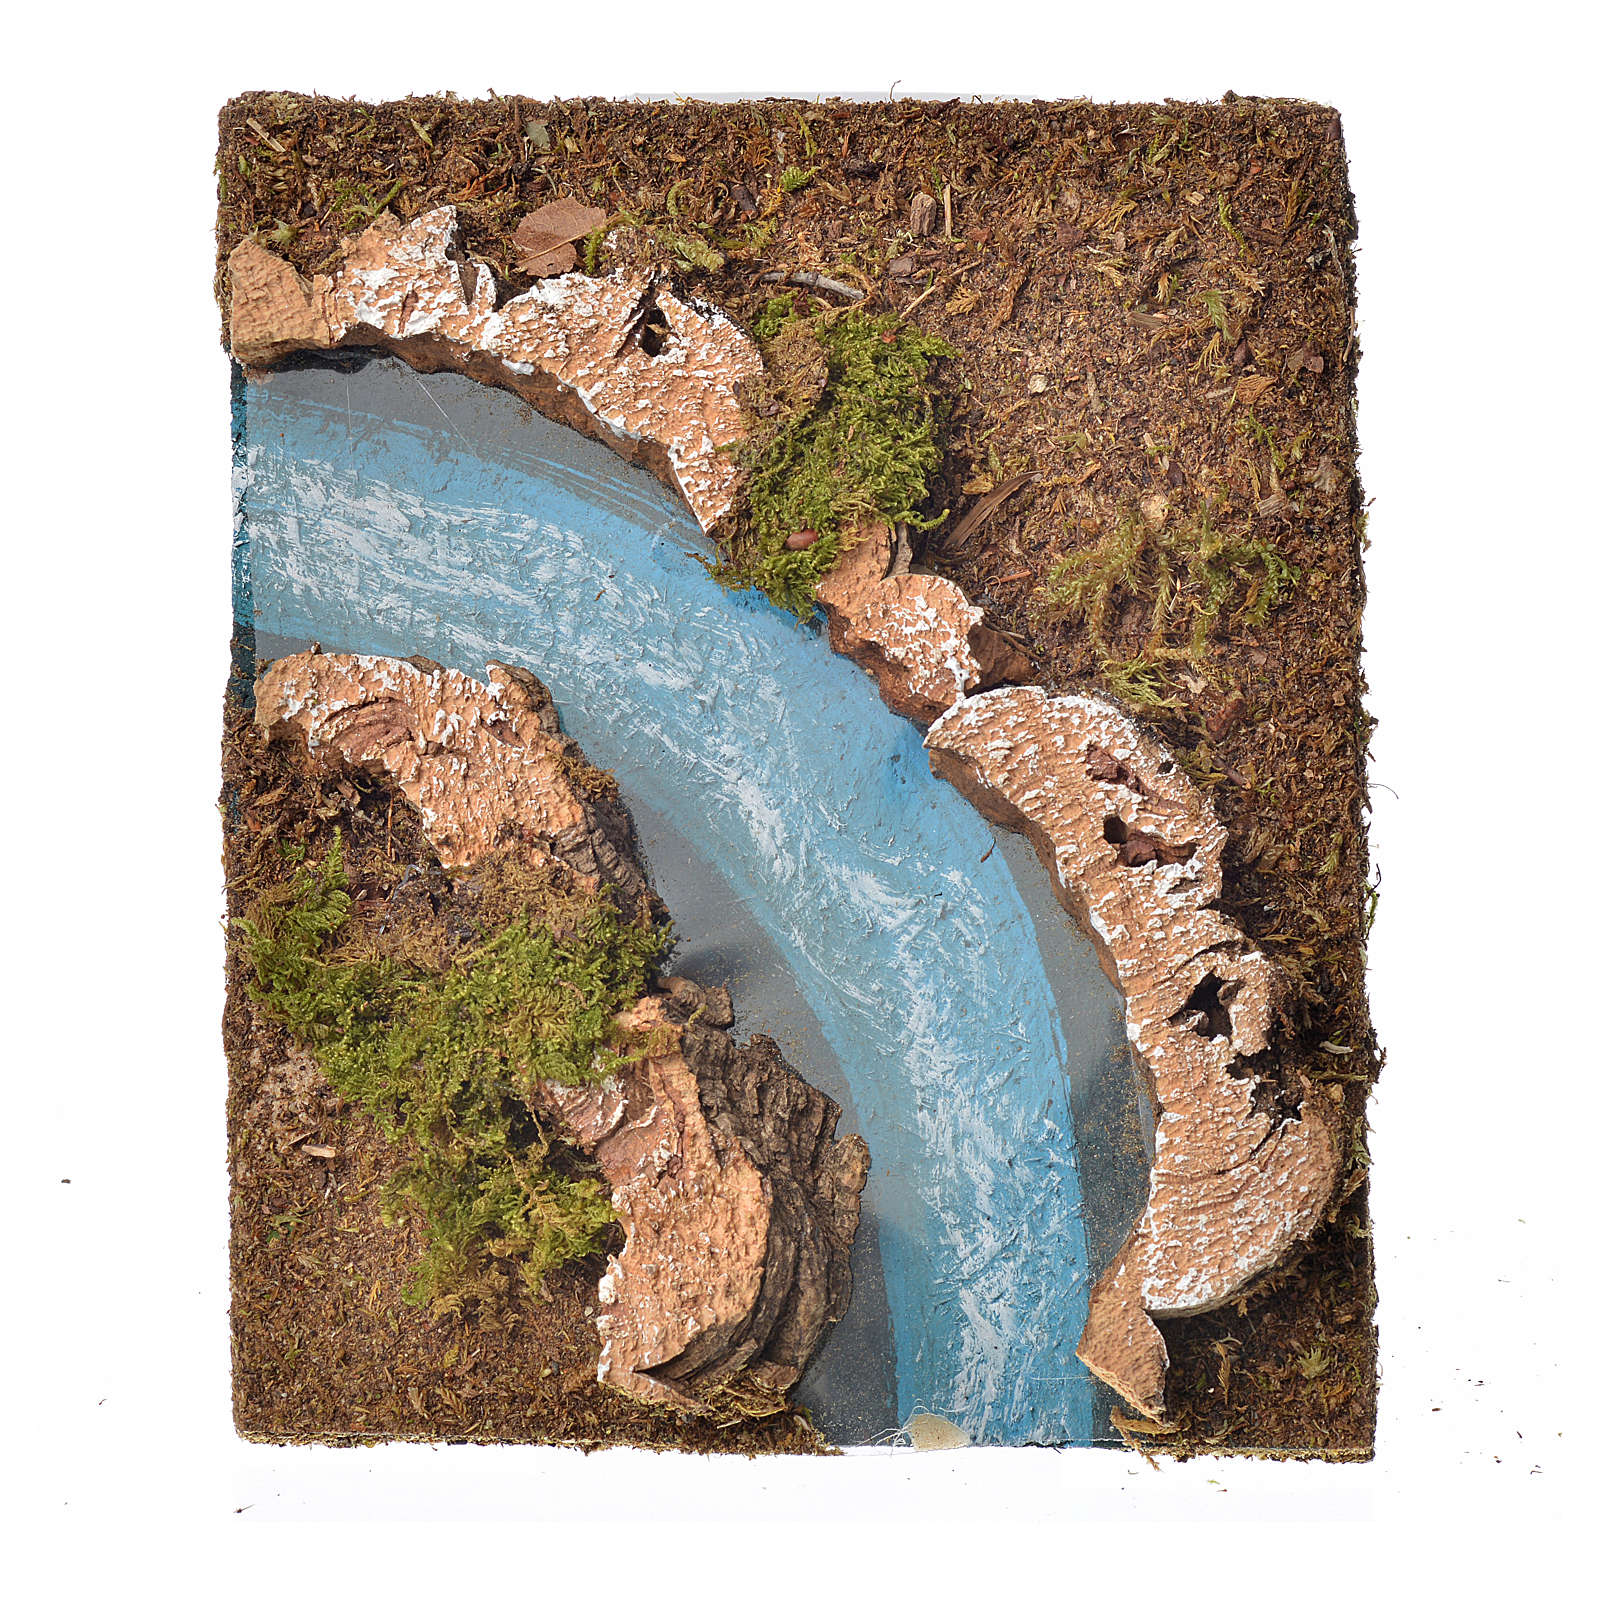 Río componible corcho: curva izquierda 4